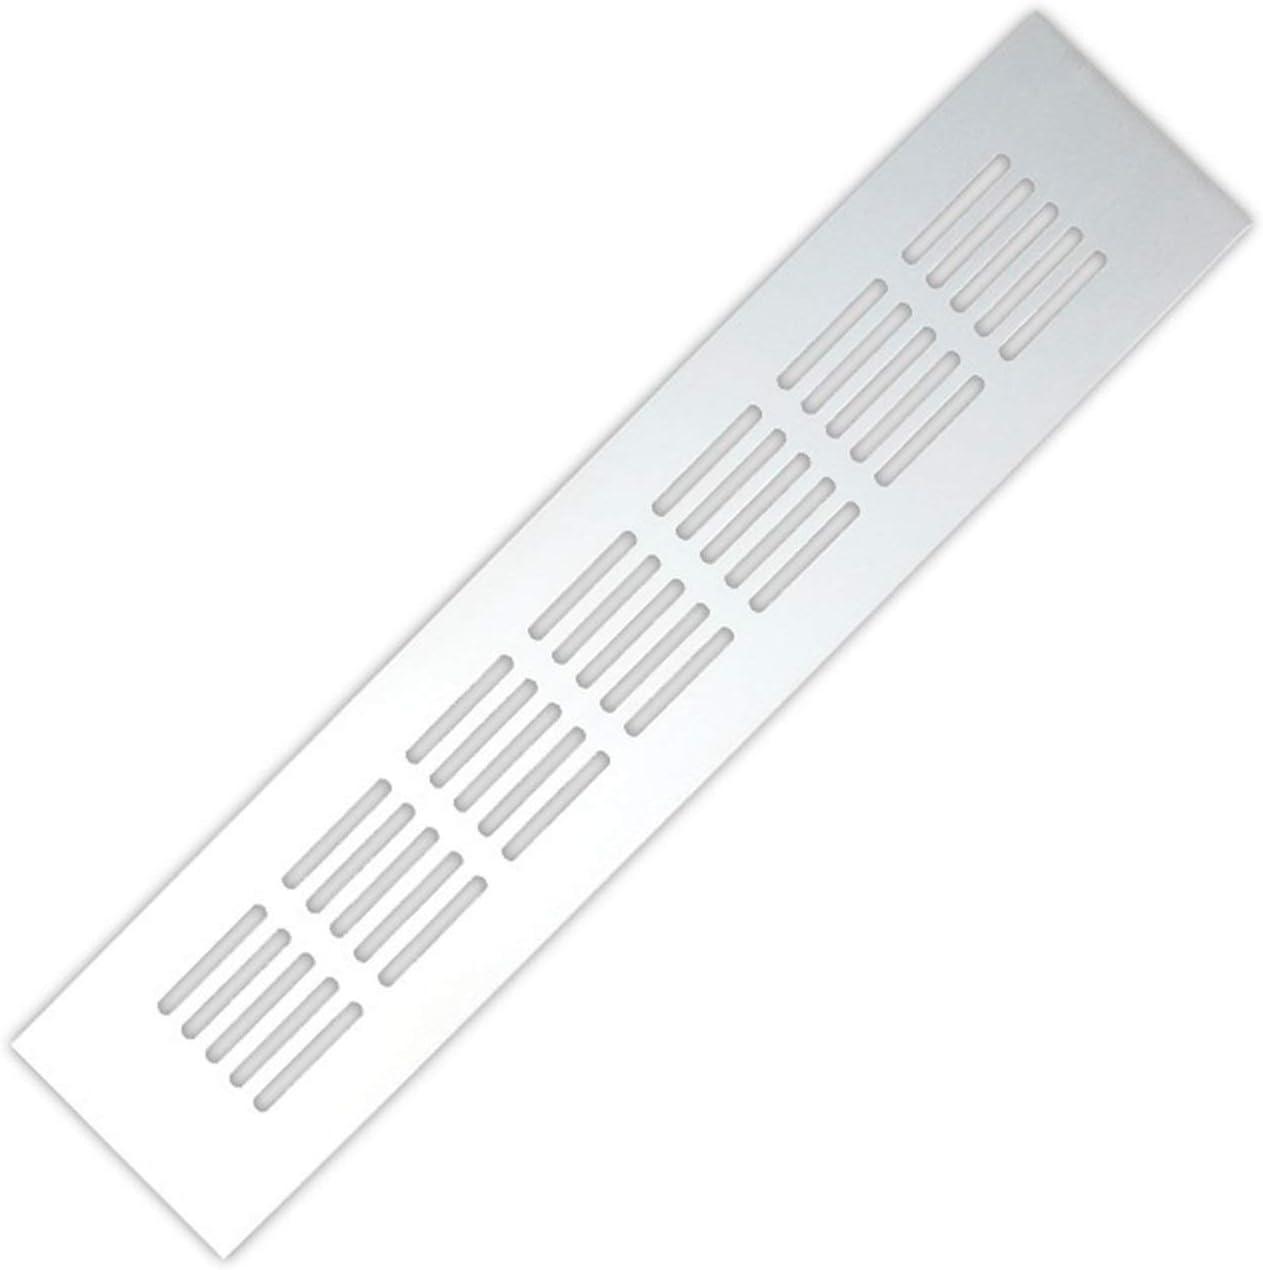 Cuiling-valla de aire Aleación de aluminio de salida de aire, Chapa perforada Web Hoja Rejilla de ventilación, for el armario de zapatos armario de la cubierta decorativa, 15cm-60cm rejilla de escape